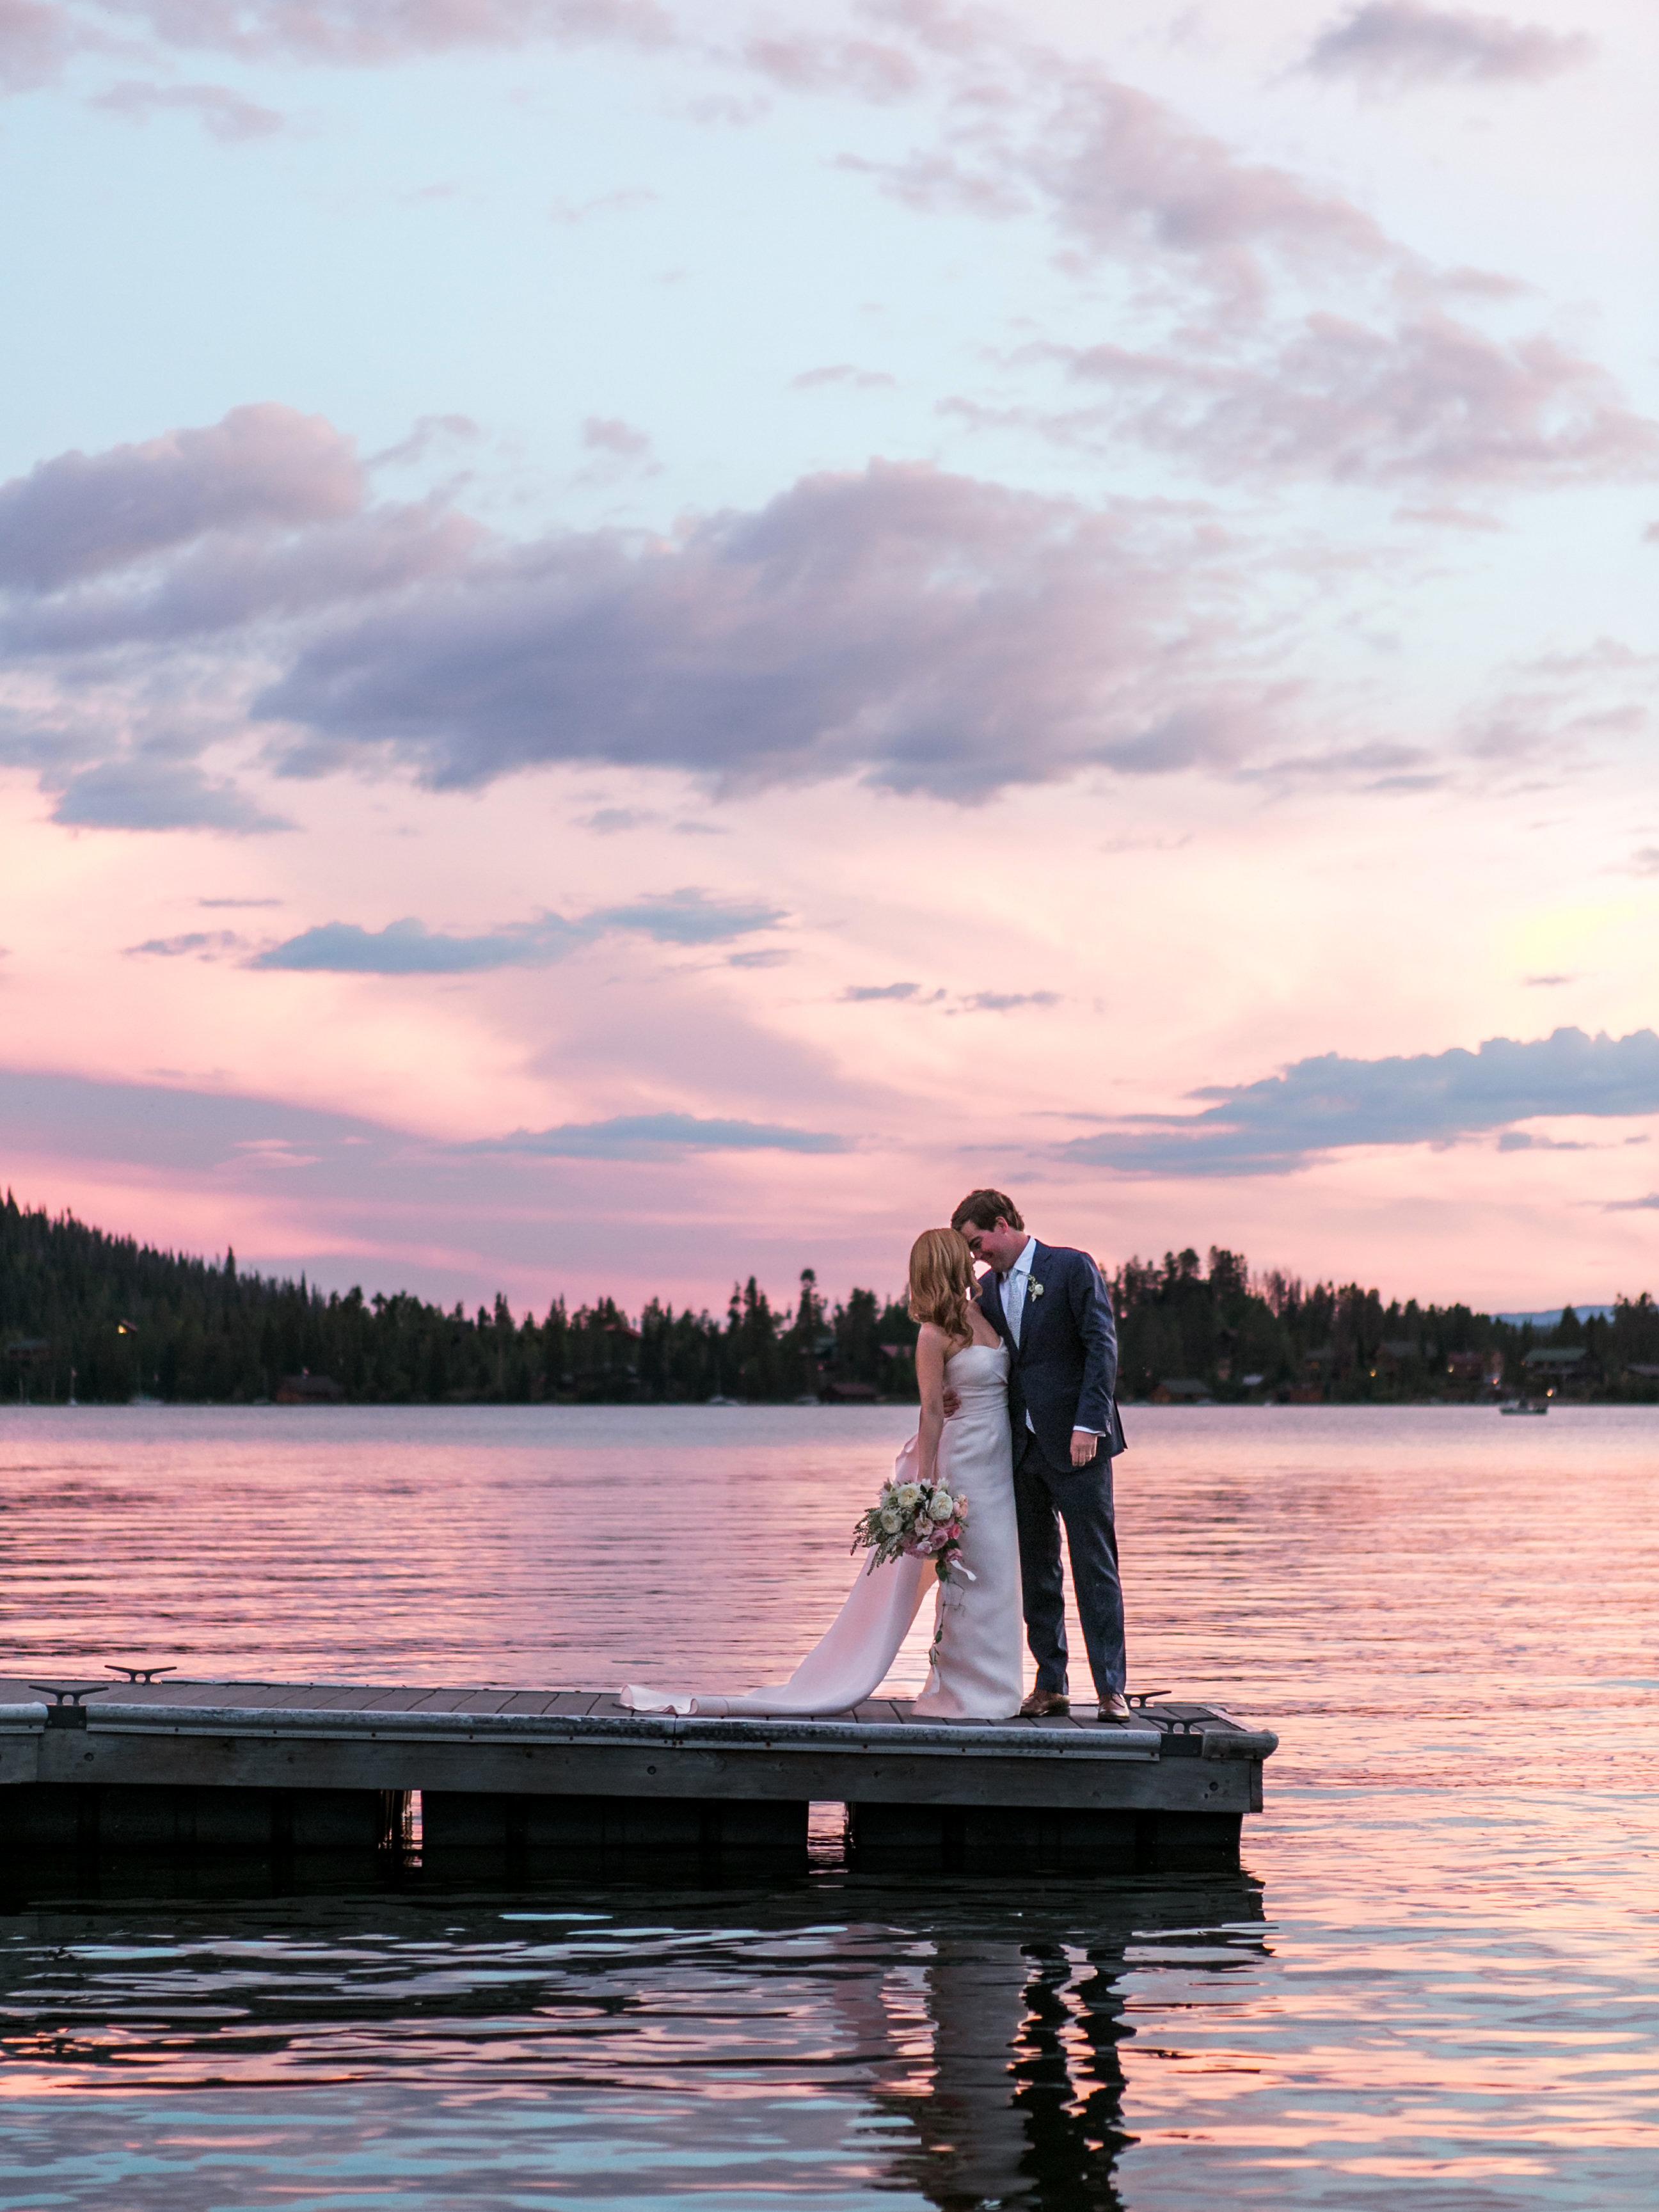 wedding couple sunset on lake